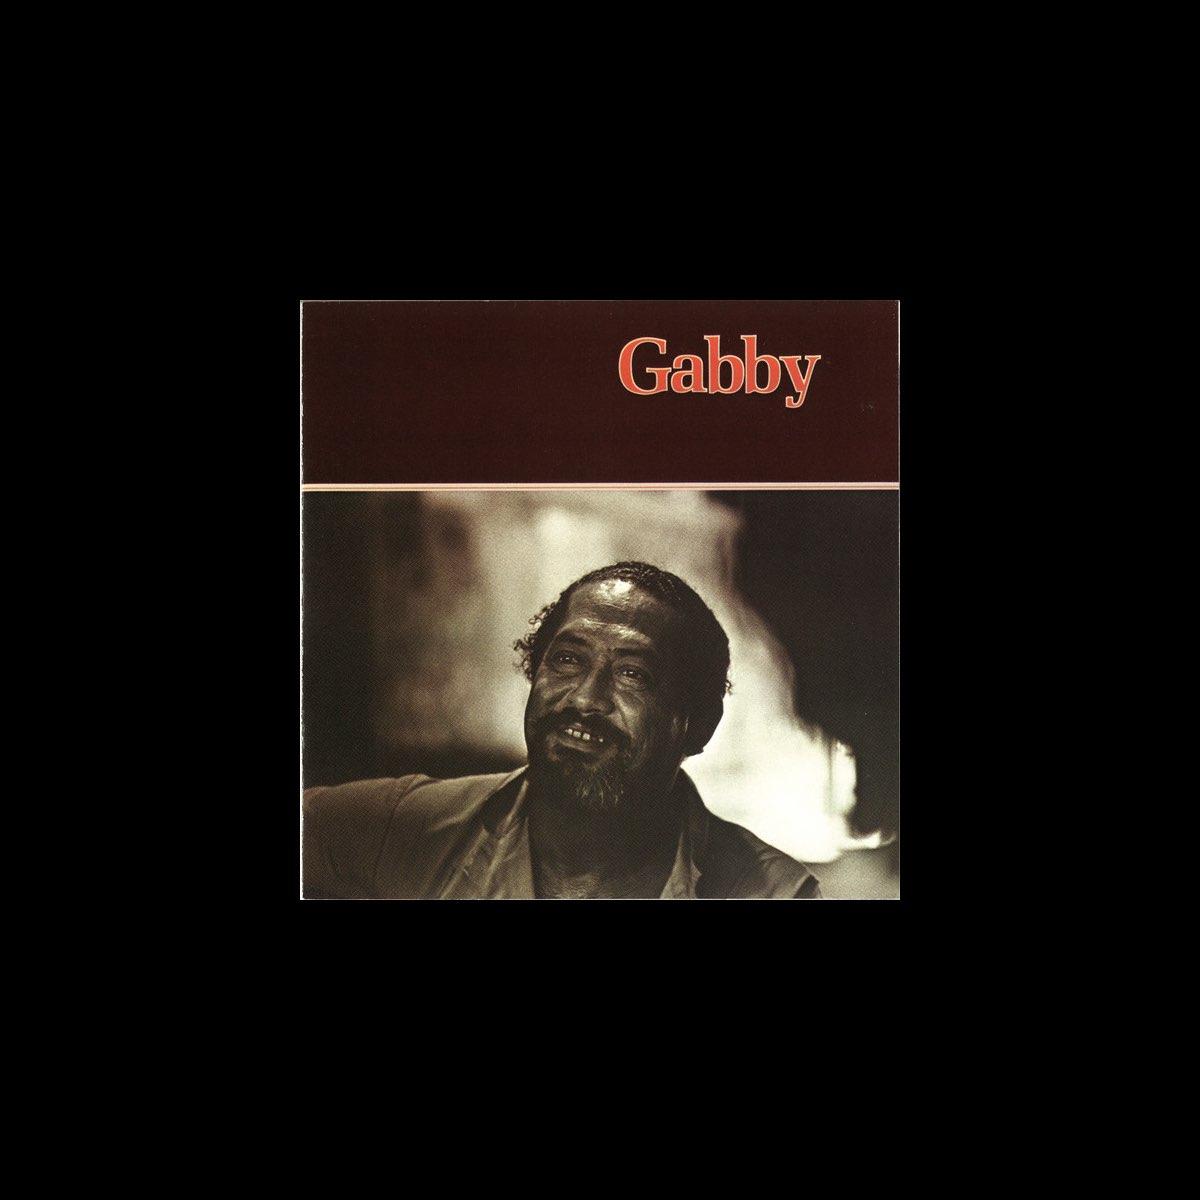 Gabby By Gabby Pahinui On Apple Music